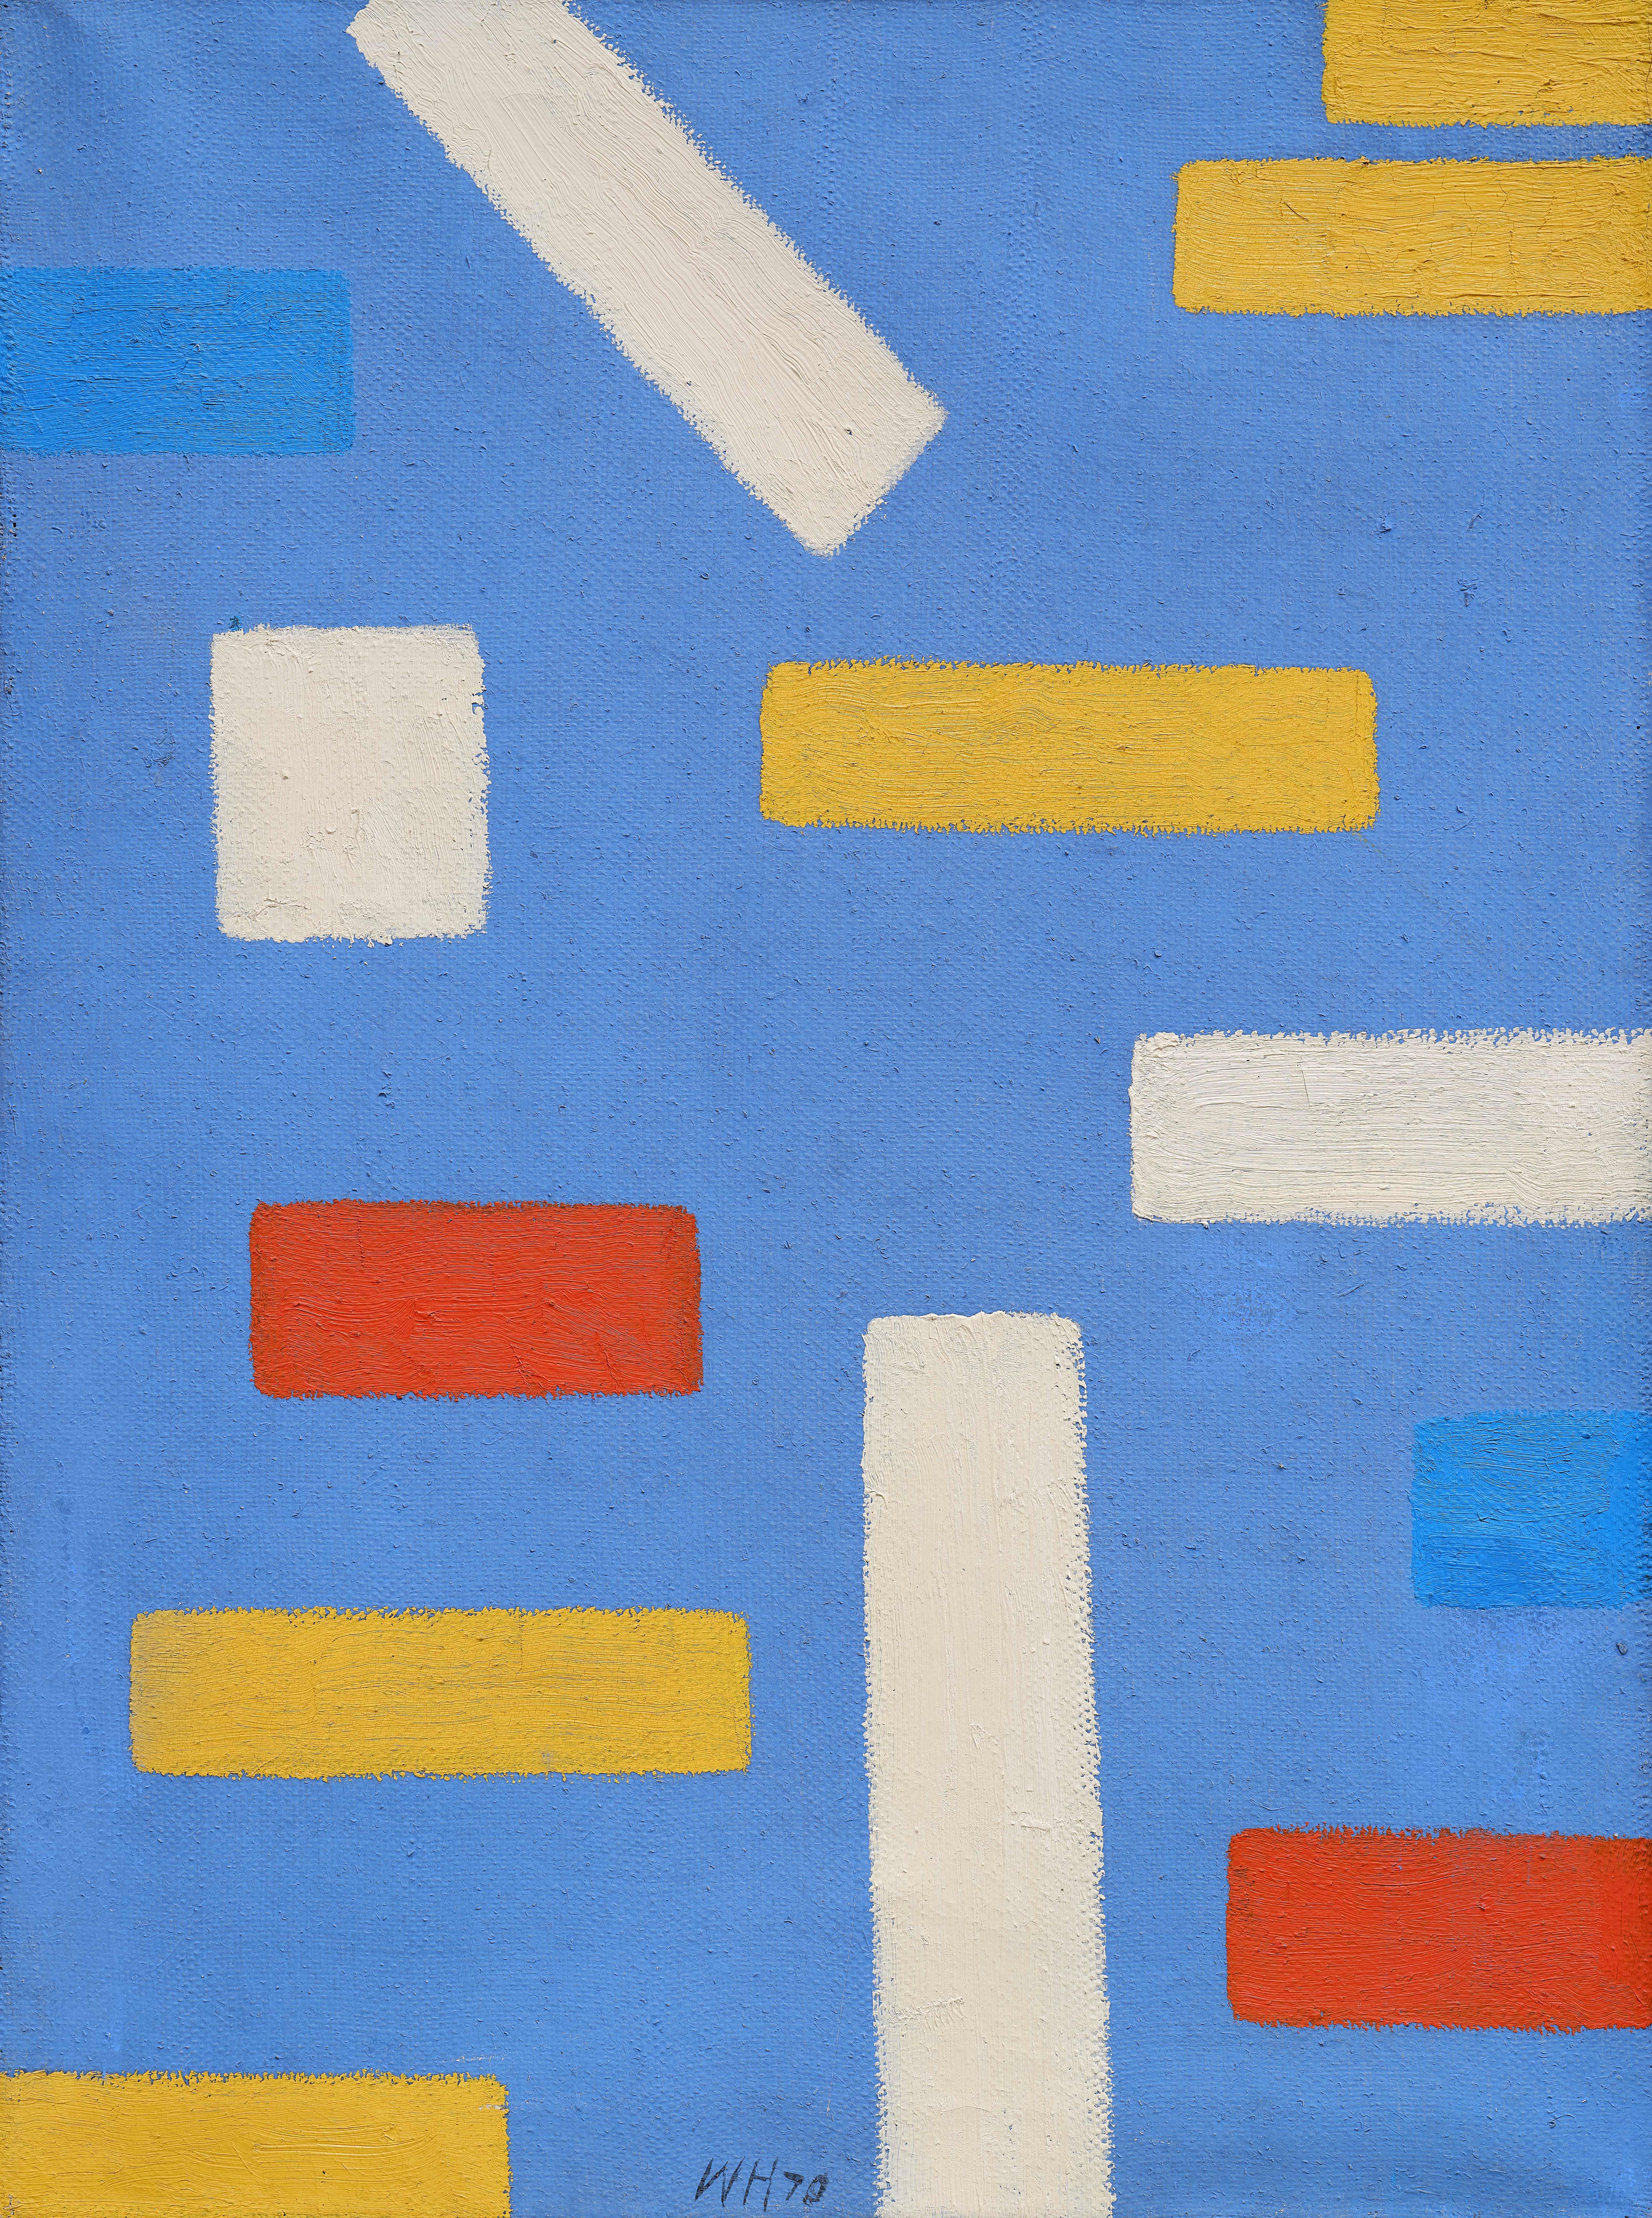 Vente Art d'après-guerre & contemporain Online chez Venduehuis der Notarissen te 's-Gravenhage : 214 lots